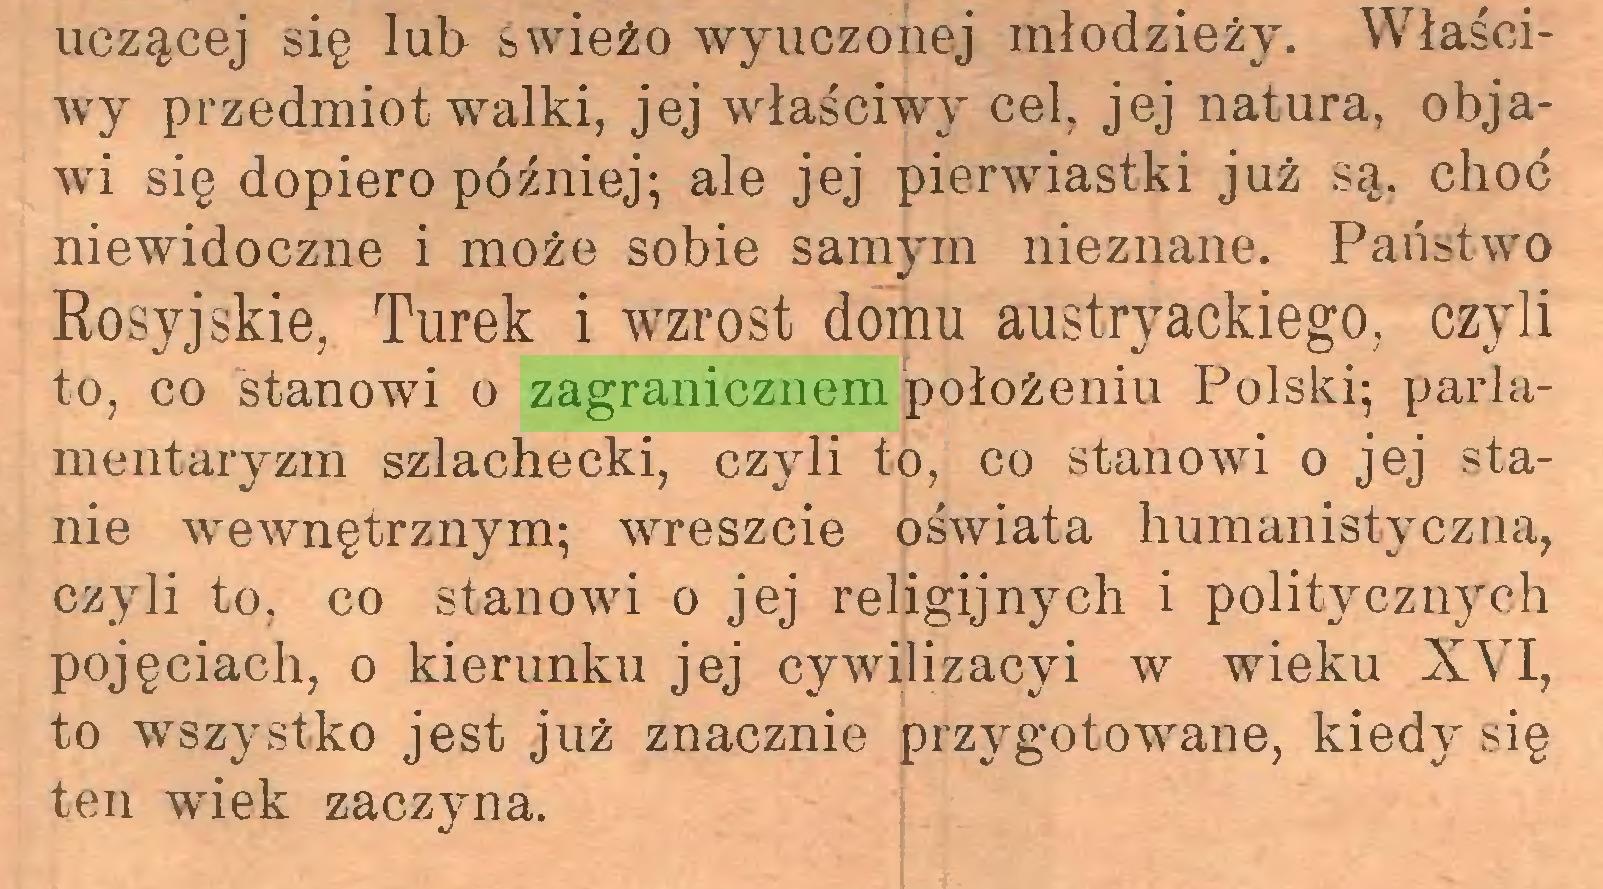 (...) uczącej się lub świeżo wyuczonej młodzieży. Właściwy przedmiot walki, jej właściwy cel, jej natura, objawi się dopiero później; ale jej pierwiastki już są, choć niewidoczne i może sobie samym nieznane. Państwo Rosyjskie, Turek i wzrost domu austryackiego, czyli to, co stanowi o zagranicznem położeniu Polski; parlamentaryzm szlachecki, czyli to, co stanowi o jej stanie wewnętrznym; wreszcie oświata humanistyczna, czyli to, co stanowi o jej religijnych i politycznych pojęciach, o kierunku jej cywilizacyi w wieku XVI, to wszystko jest już znacznie przygotowane, kiedy się ten wiek zaczyna...